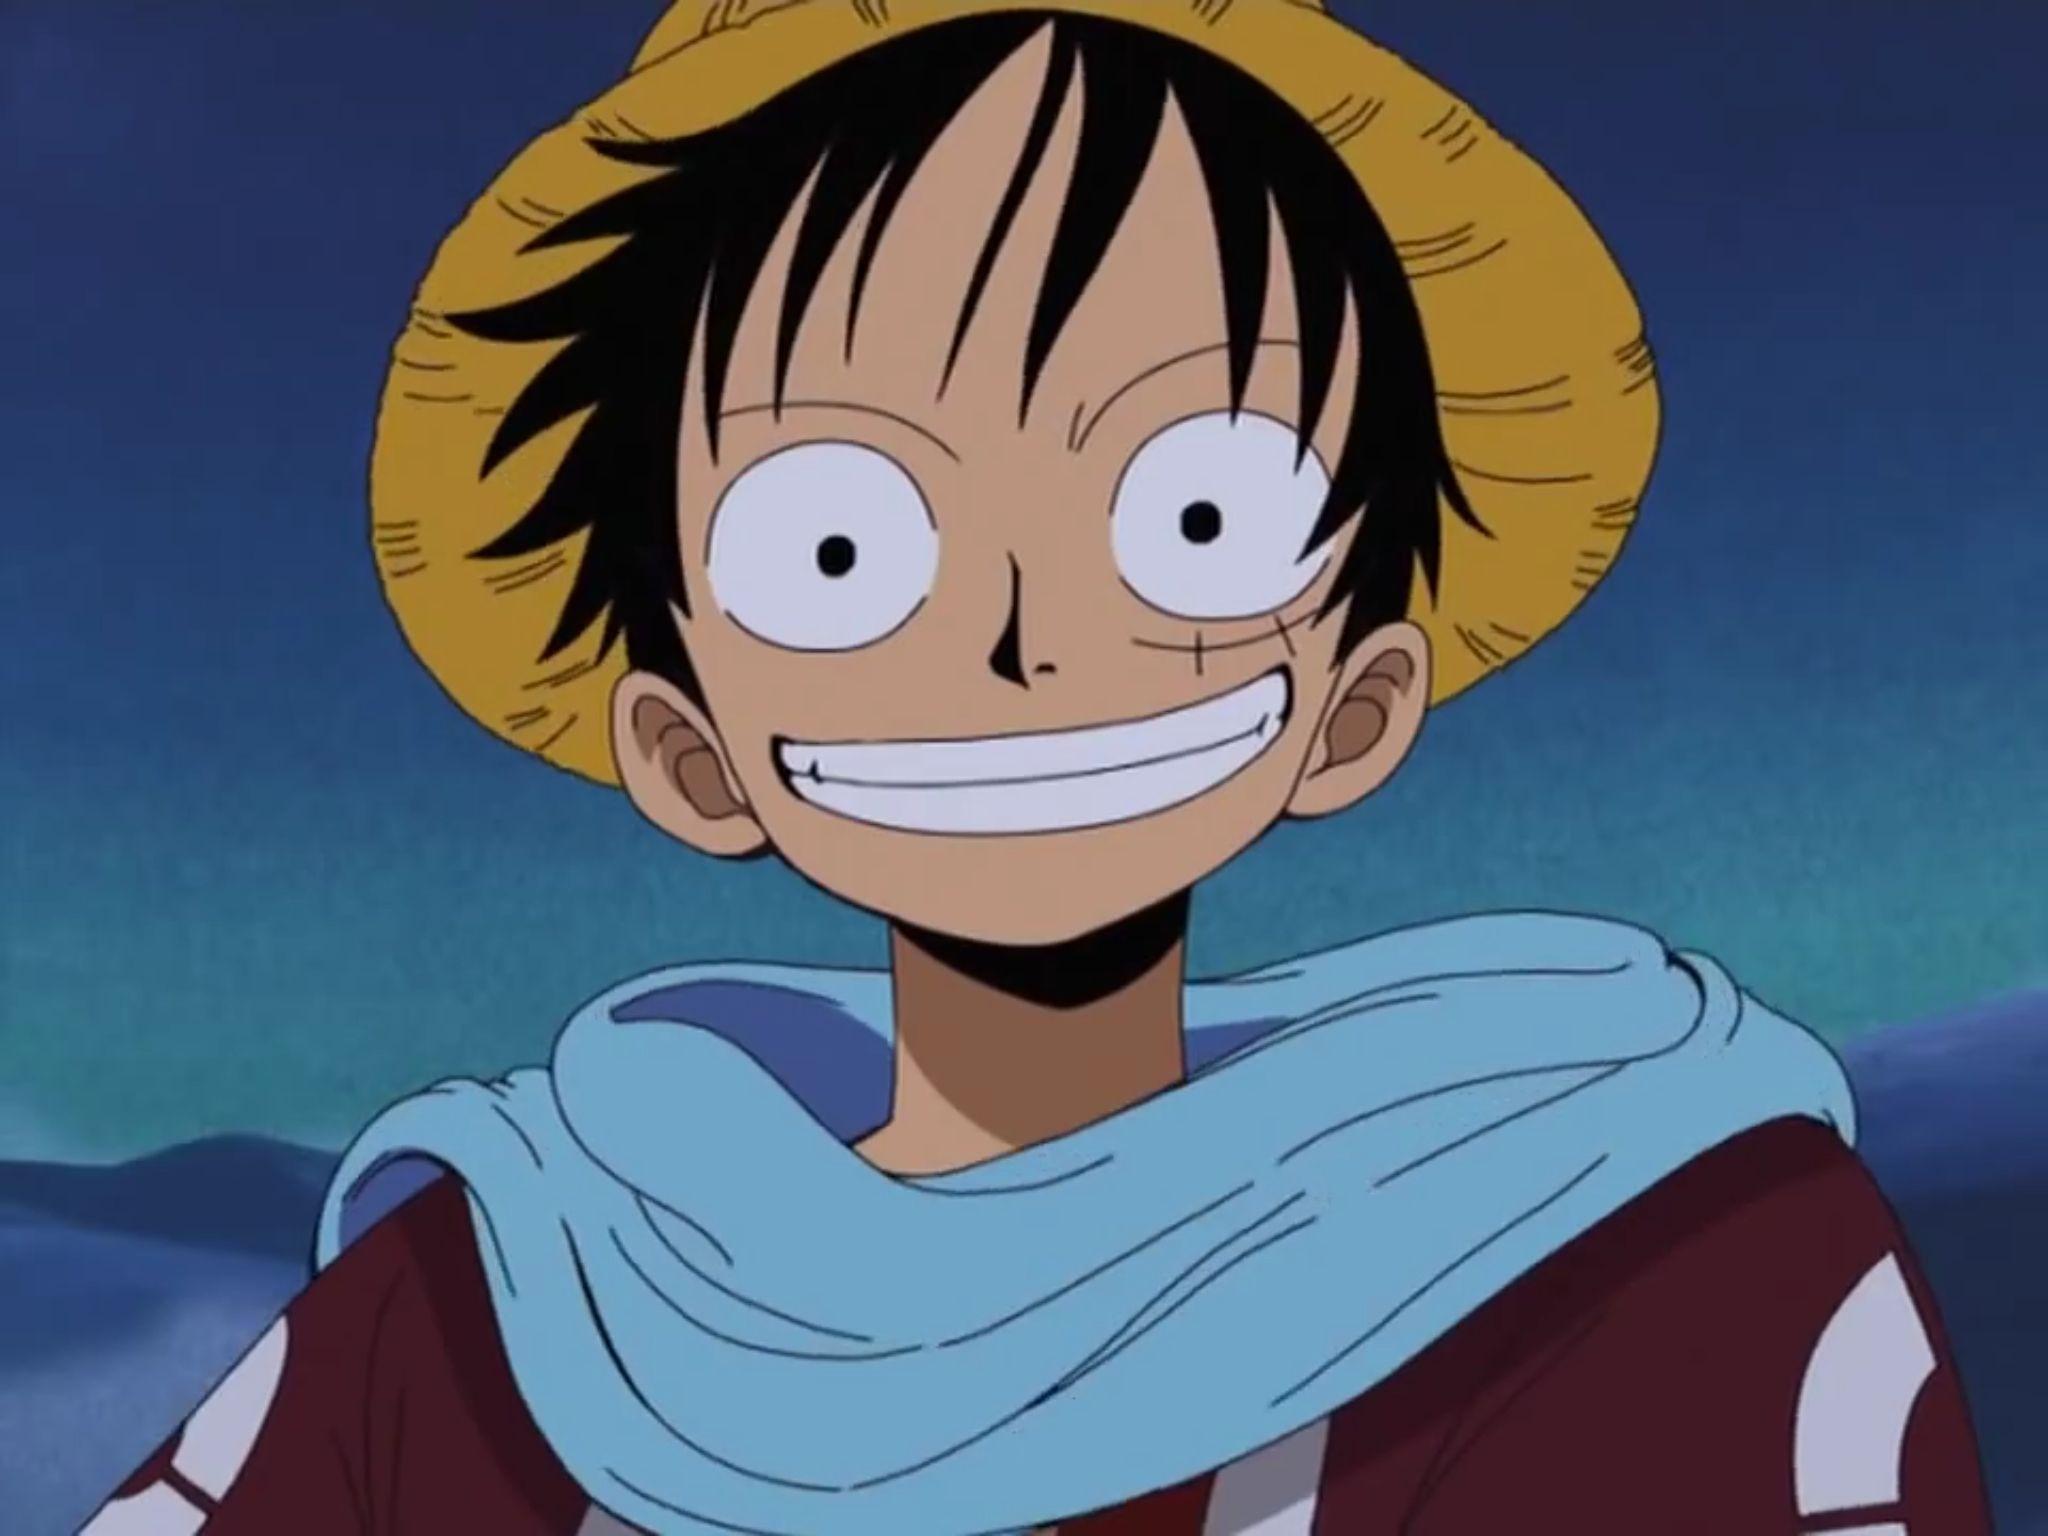 One Piece Luffy One Piece Luffy One Piece Anime Luffy